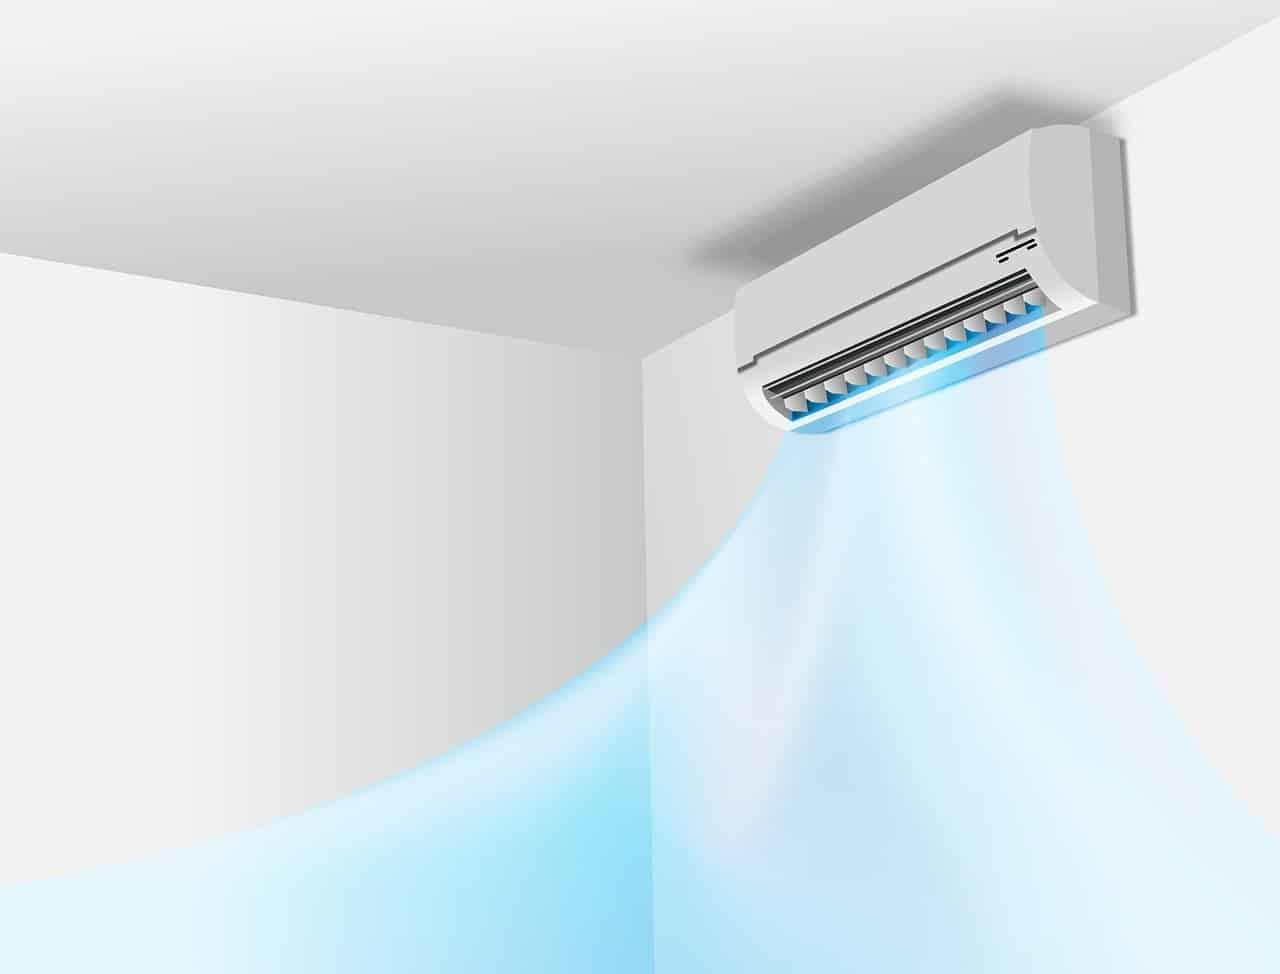 Comment bien choisir un climatiseur pour votre maison?